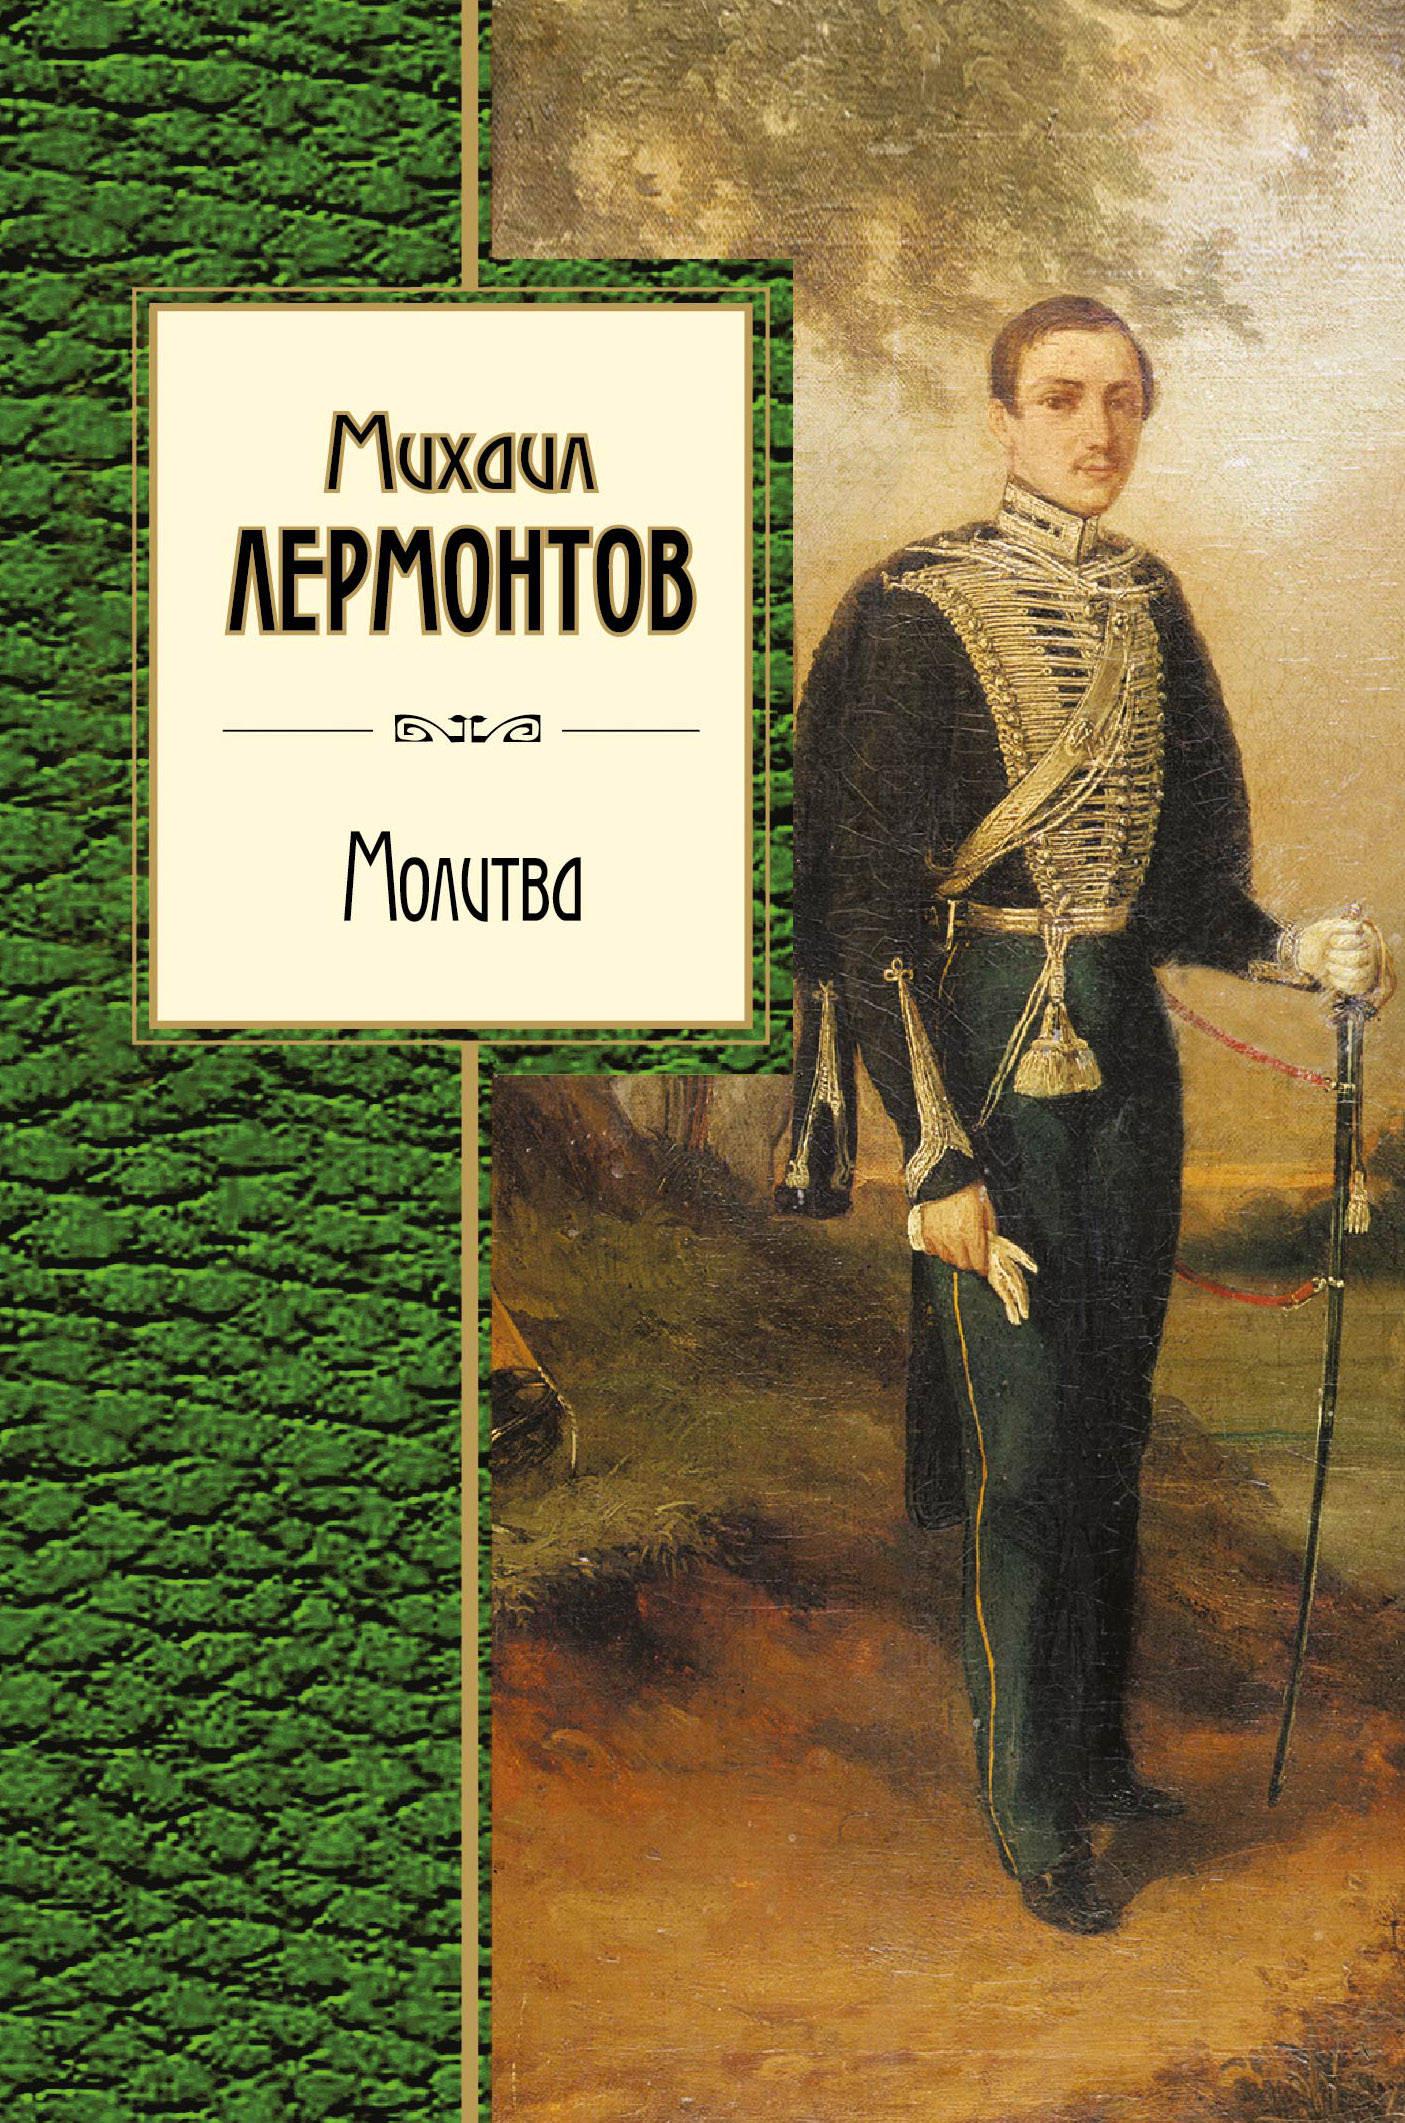 Михаил Лермонтов Молитва михаил ланцов смерть британии царь нам дал приказ isbn 978 5 699 69734 2